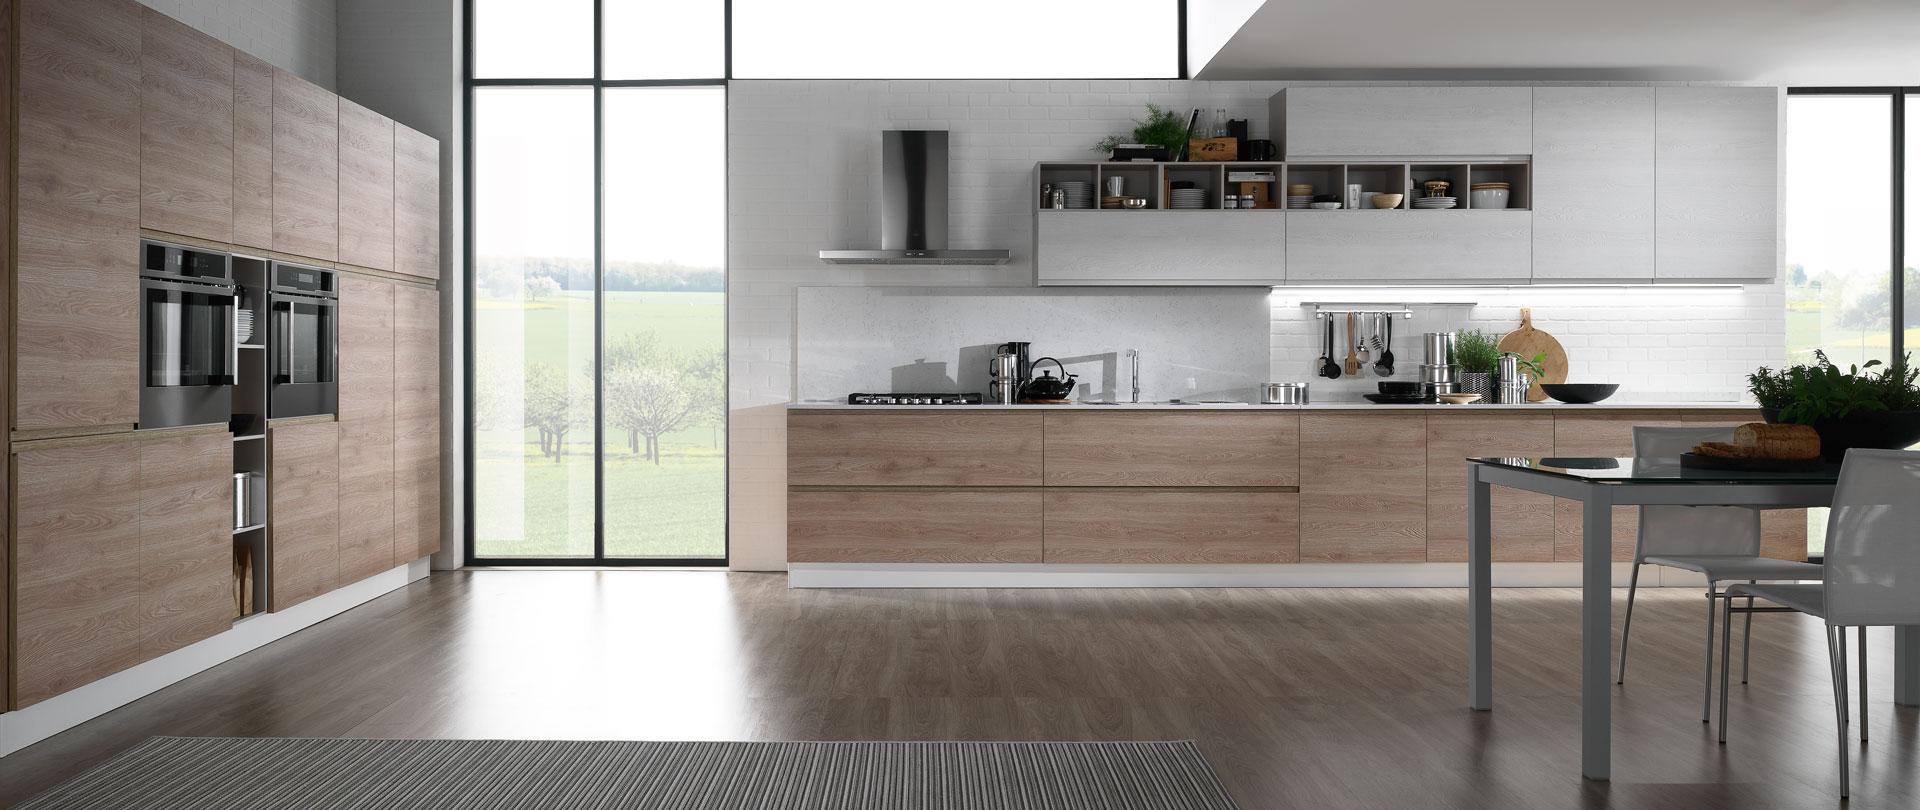 03-cucina-moderna-top-quarzo-luna - Cucinissima